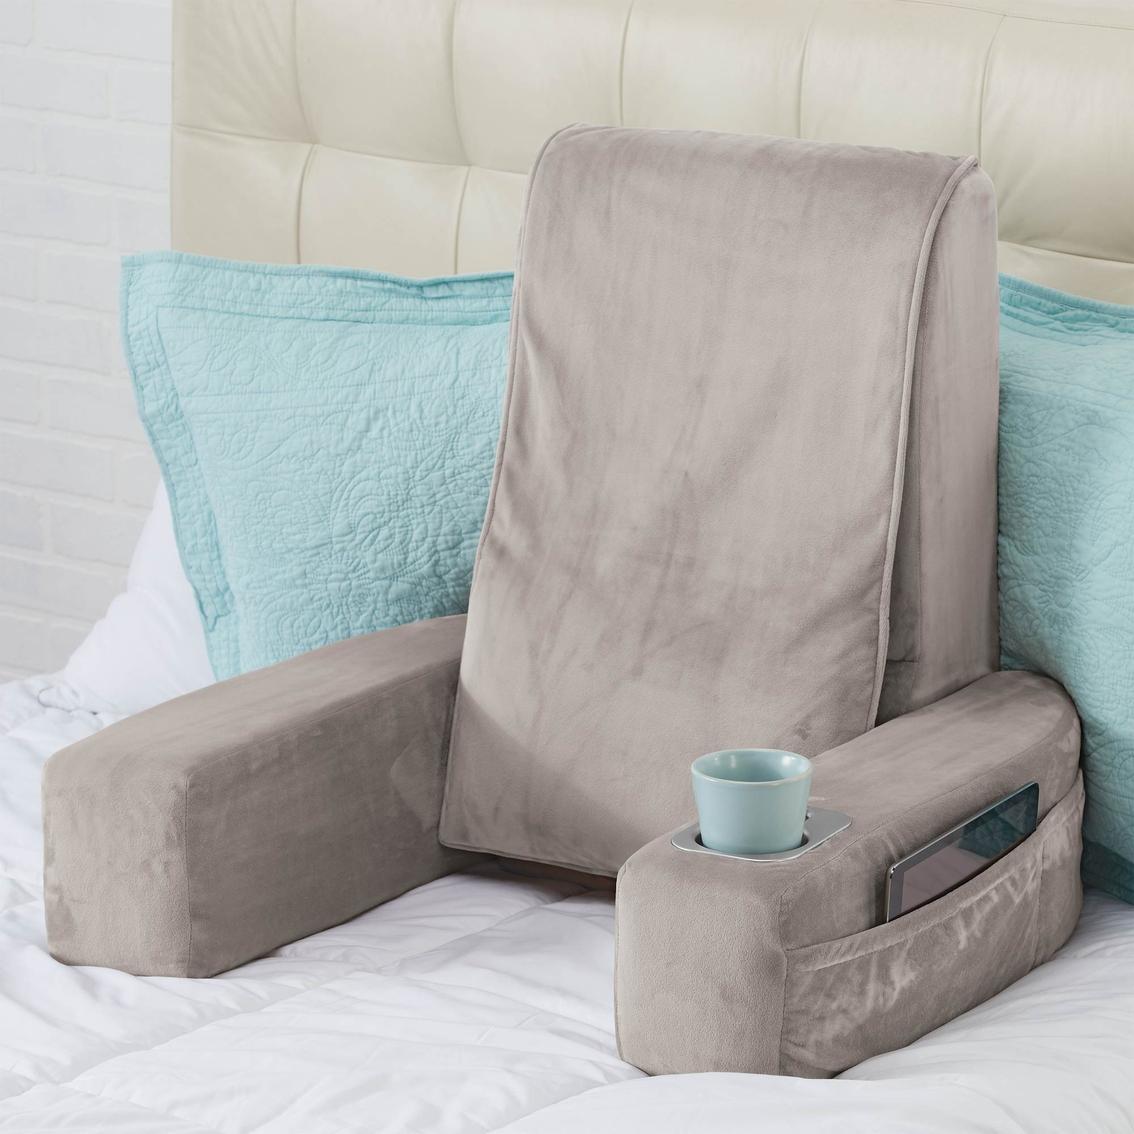 brookstone nap shiatsu massaging bed